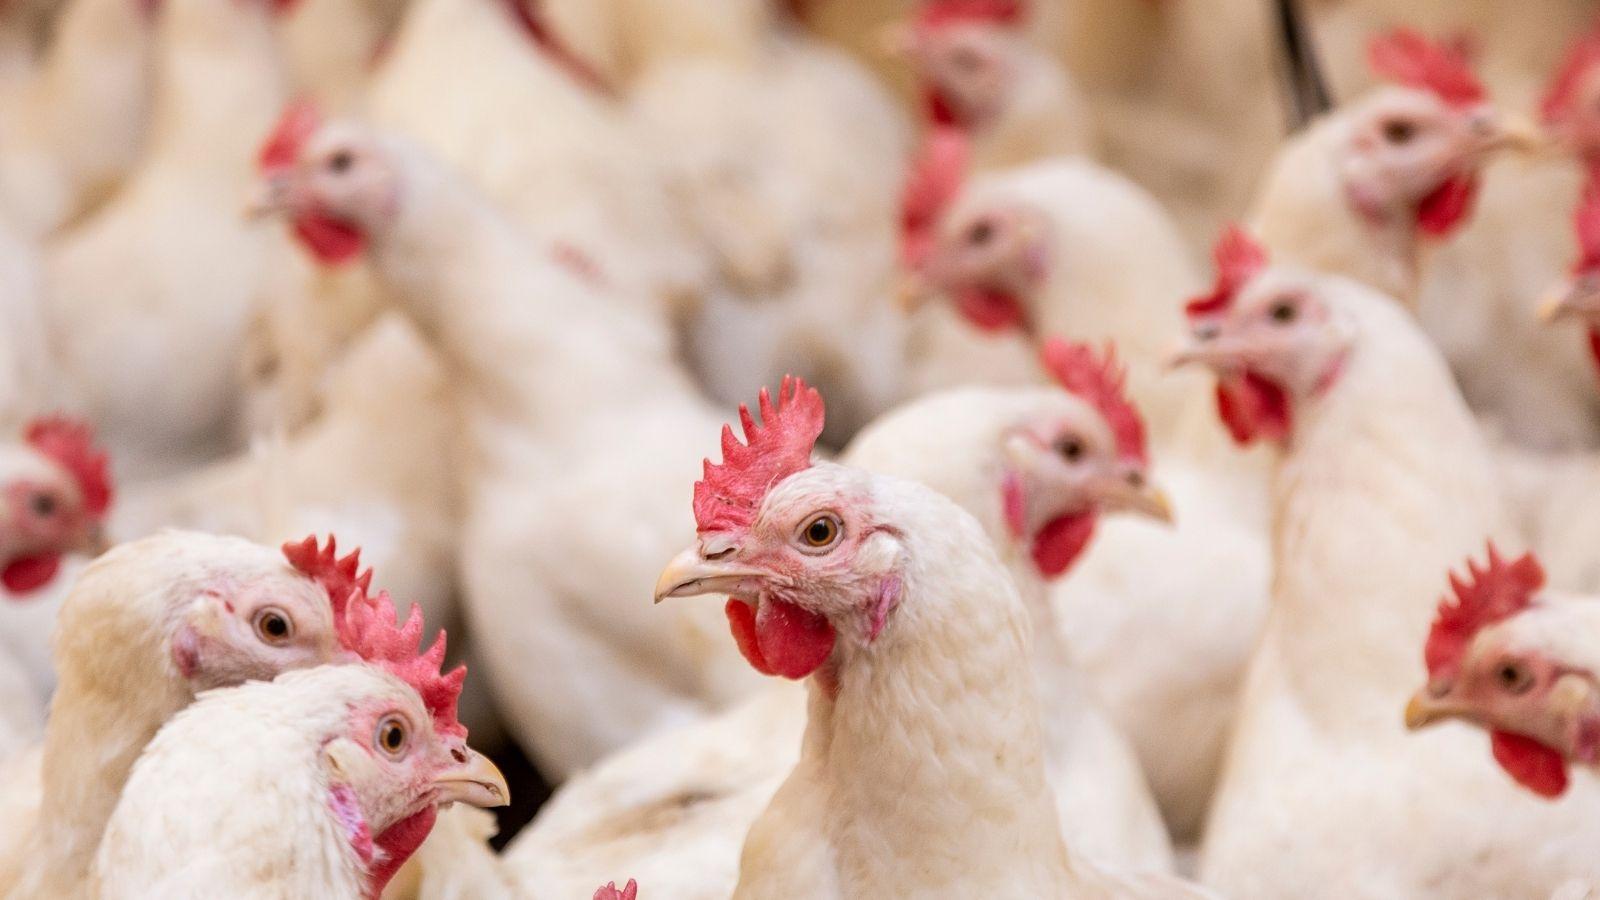 Broiler Chickens in Farm